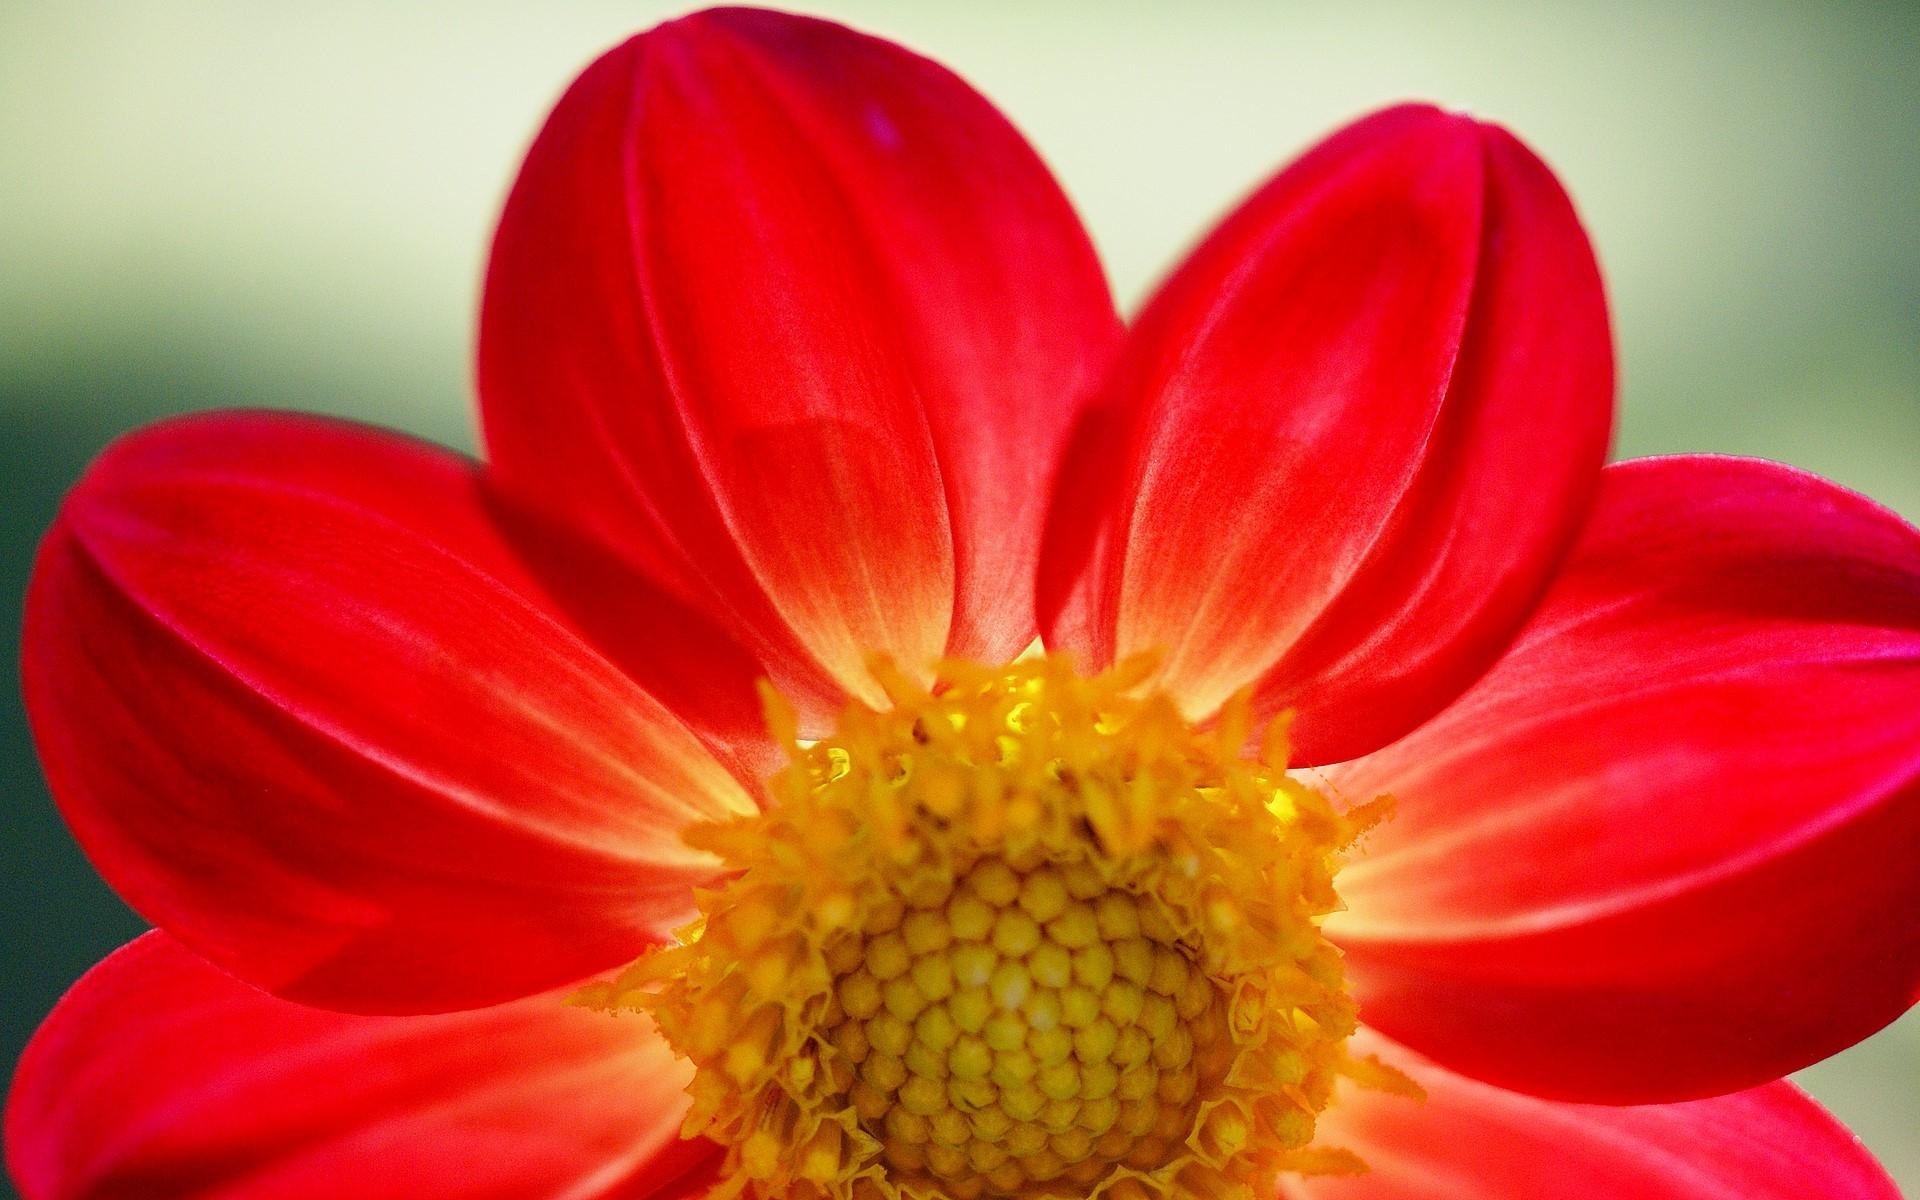 картинка красный цветок большой растворяешься ней